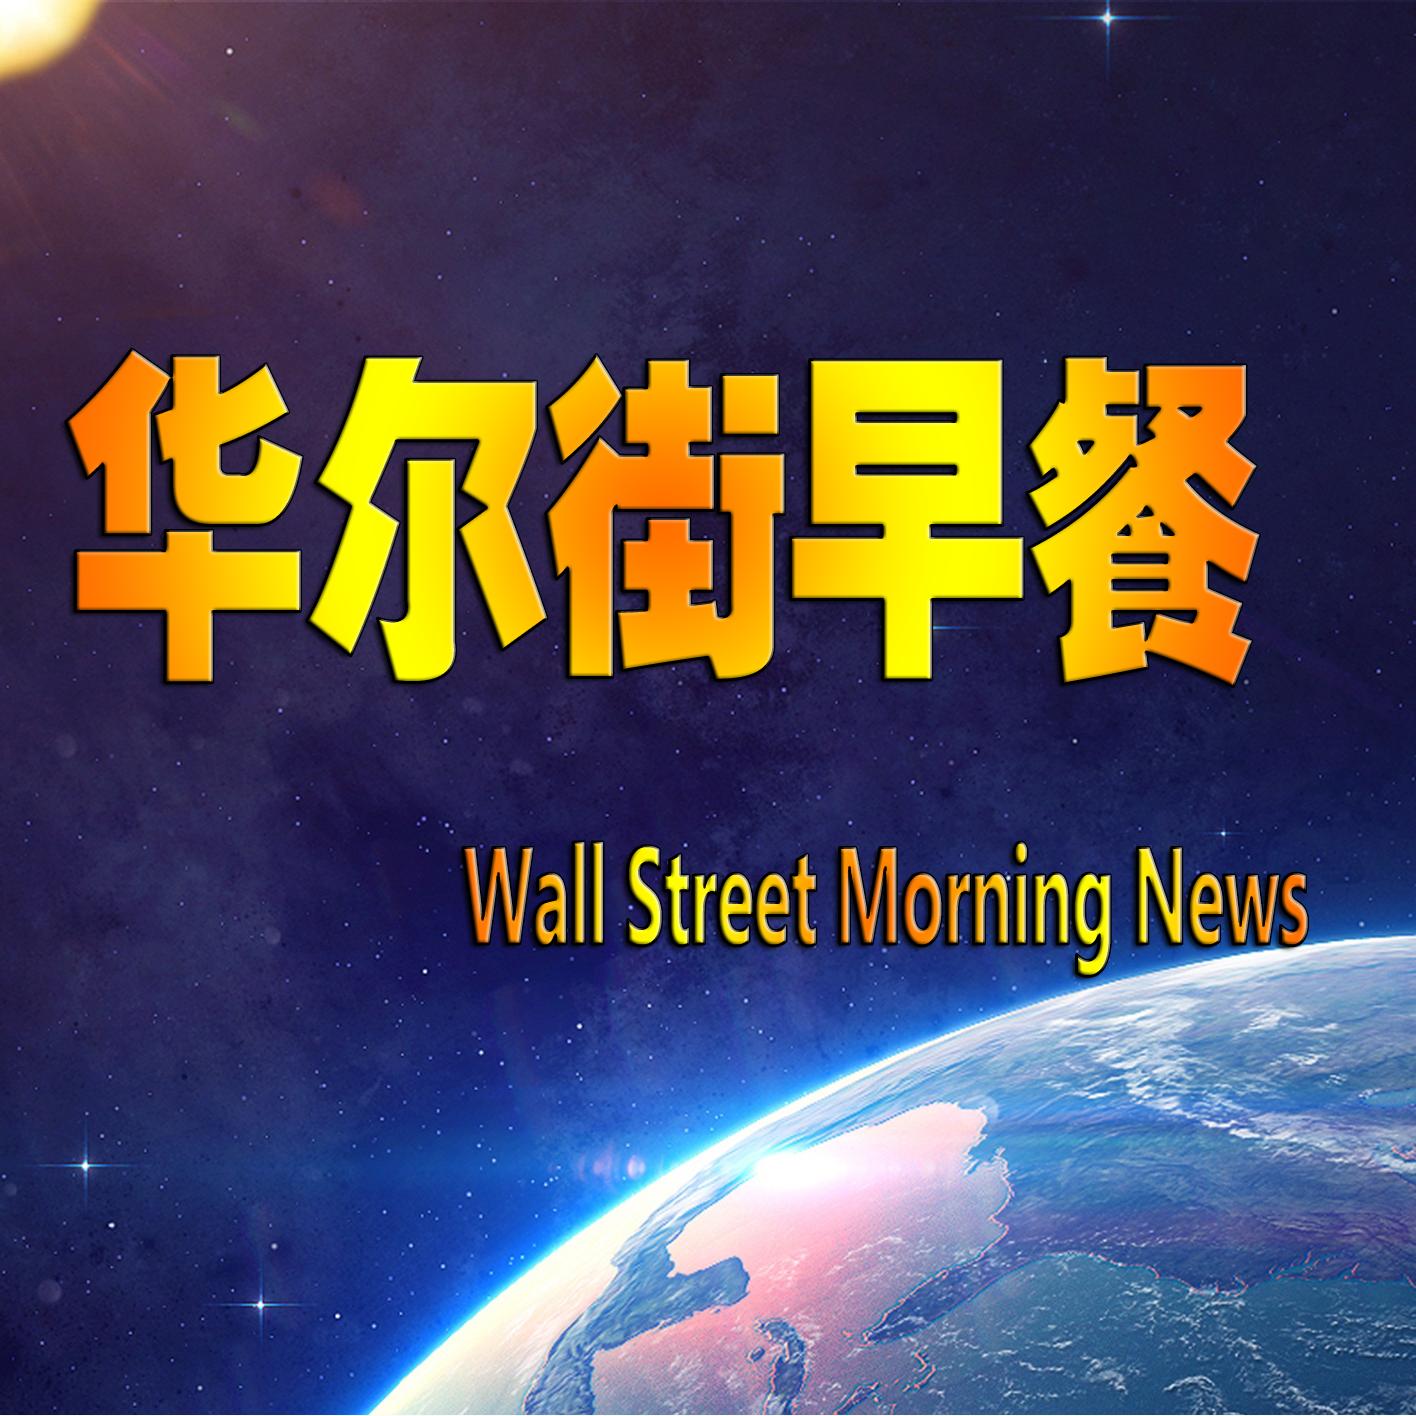 2018.11.02星期五 減免證券交易印花稅 市場還需要耐心等待